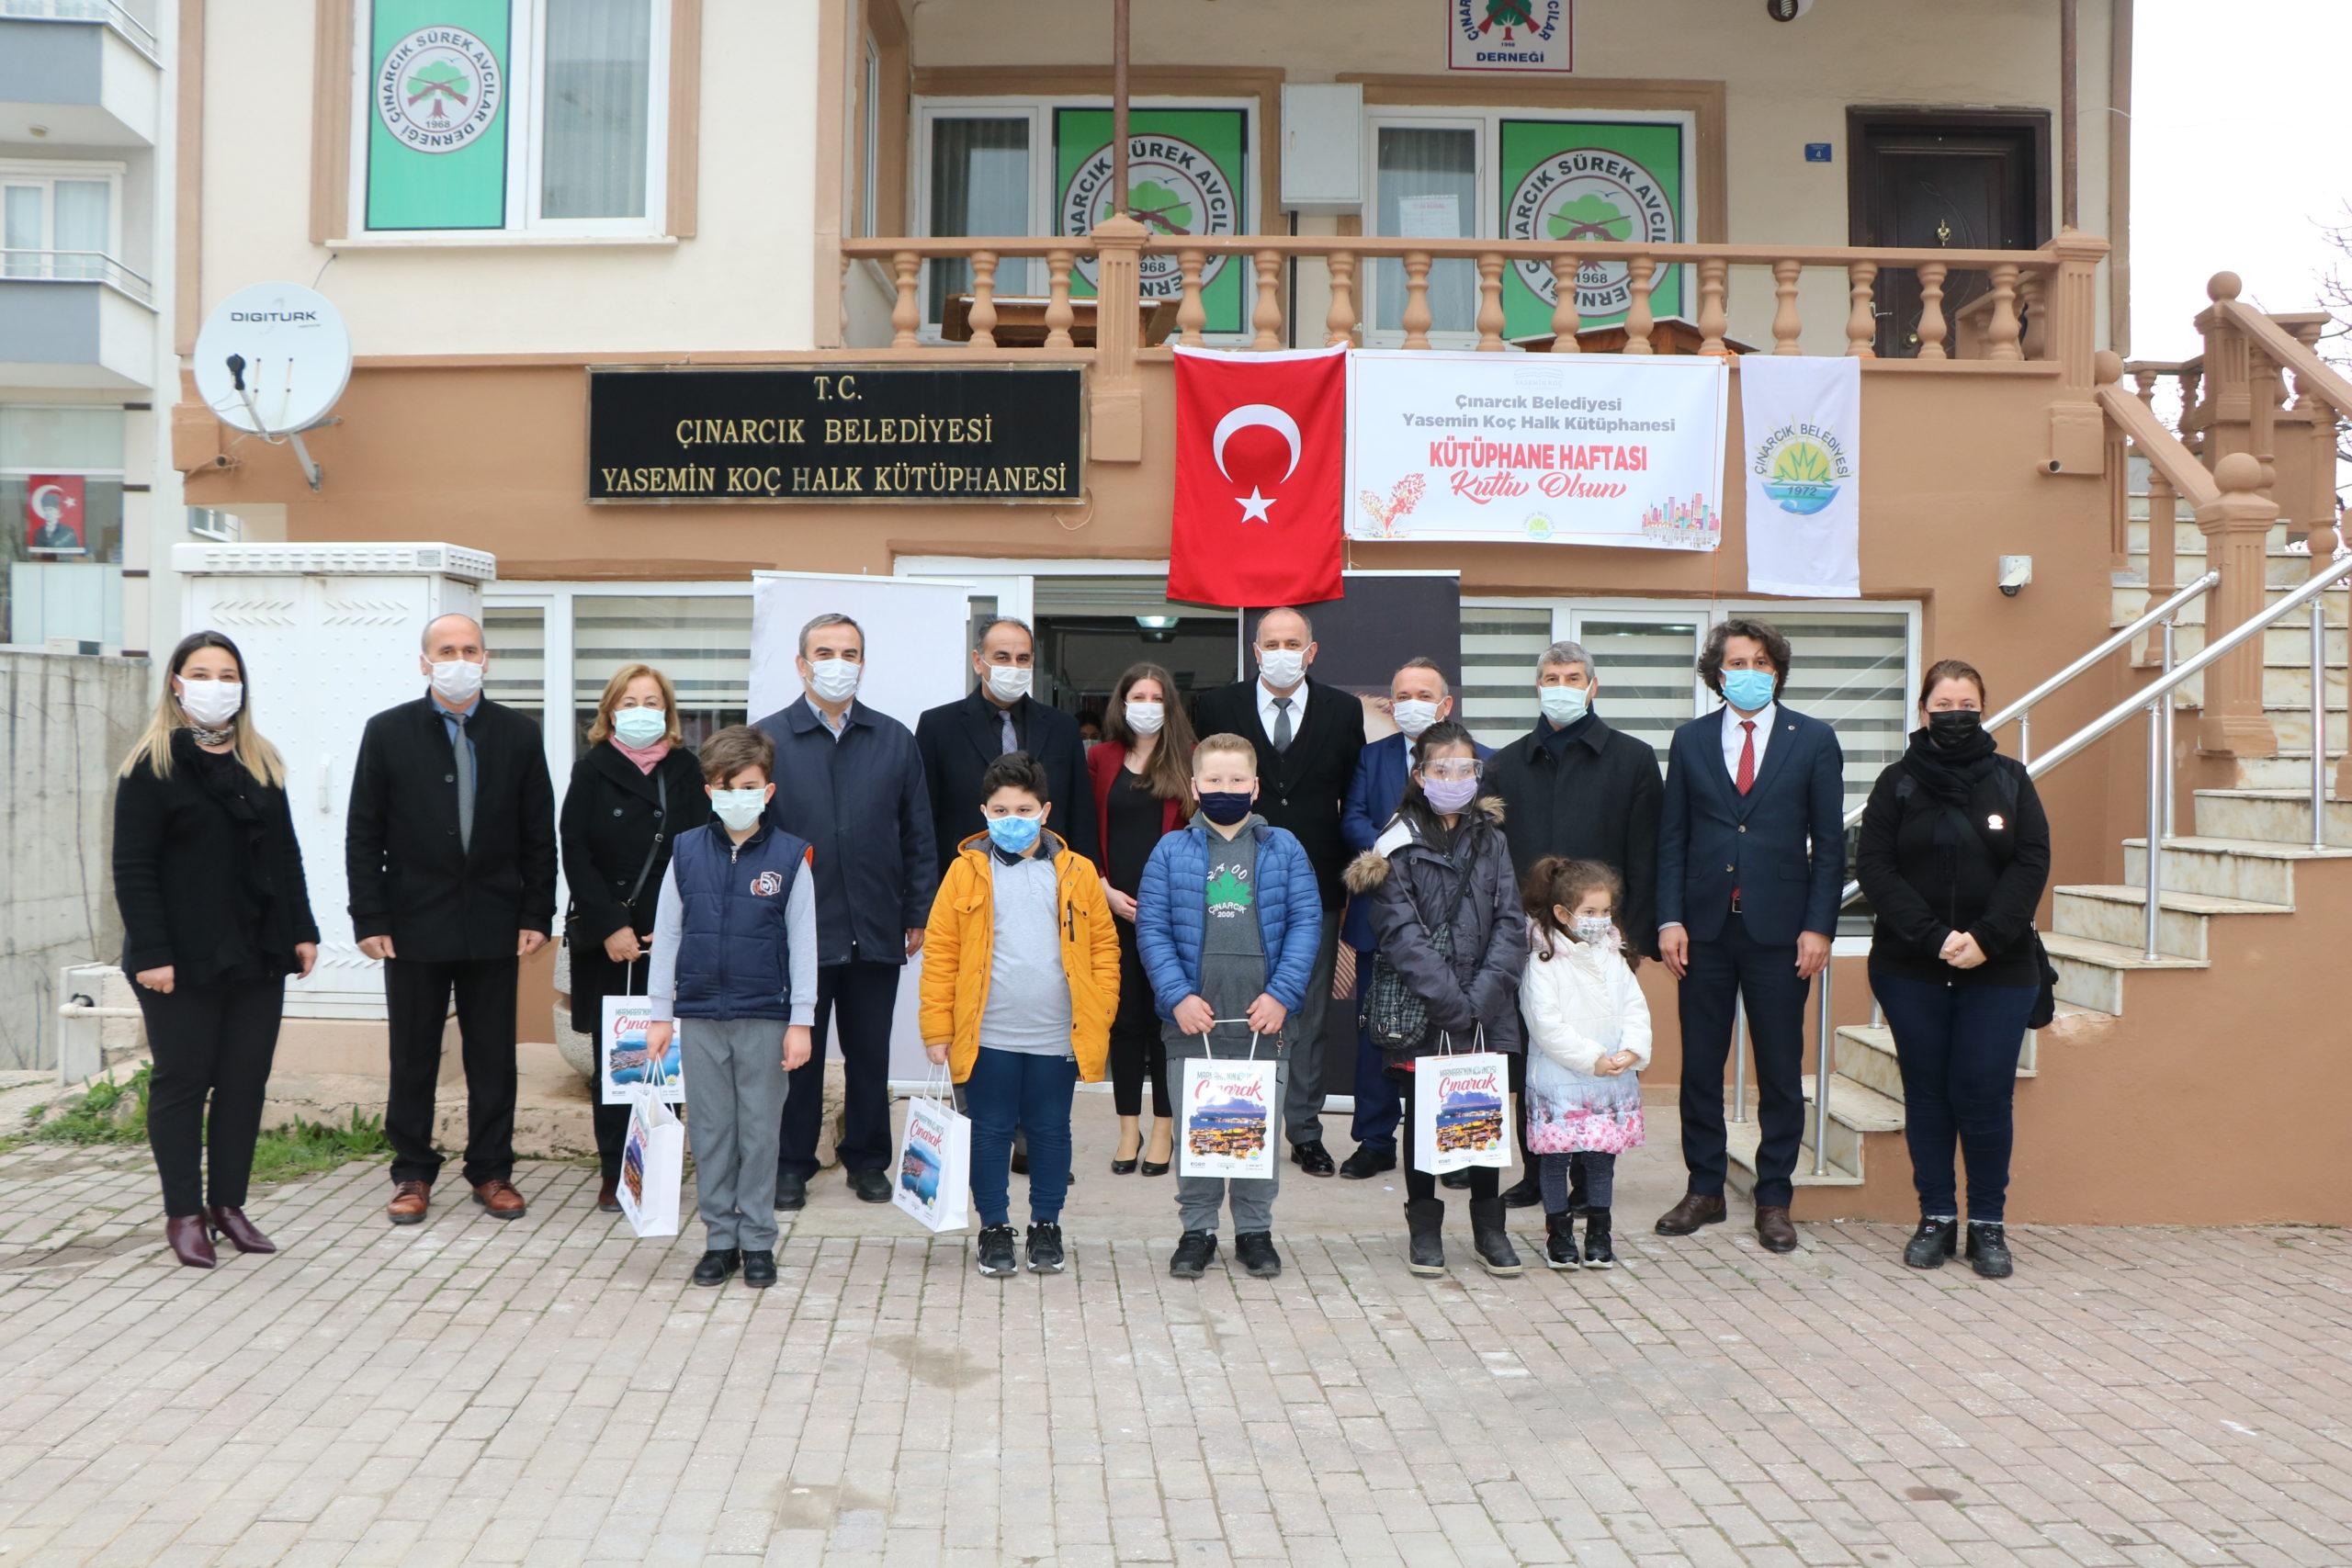 Çınarcık'ta Kütüphane Haftası Törenle Kutlandı